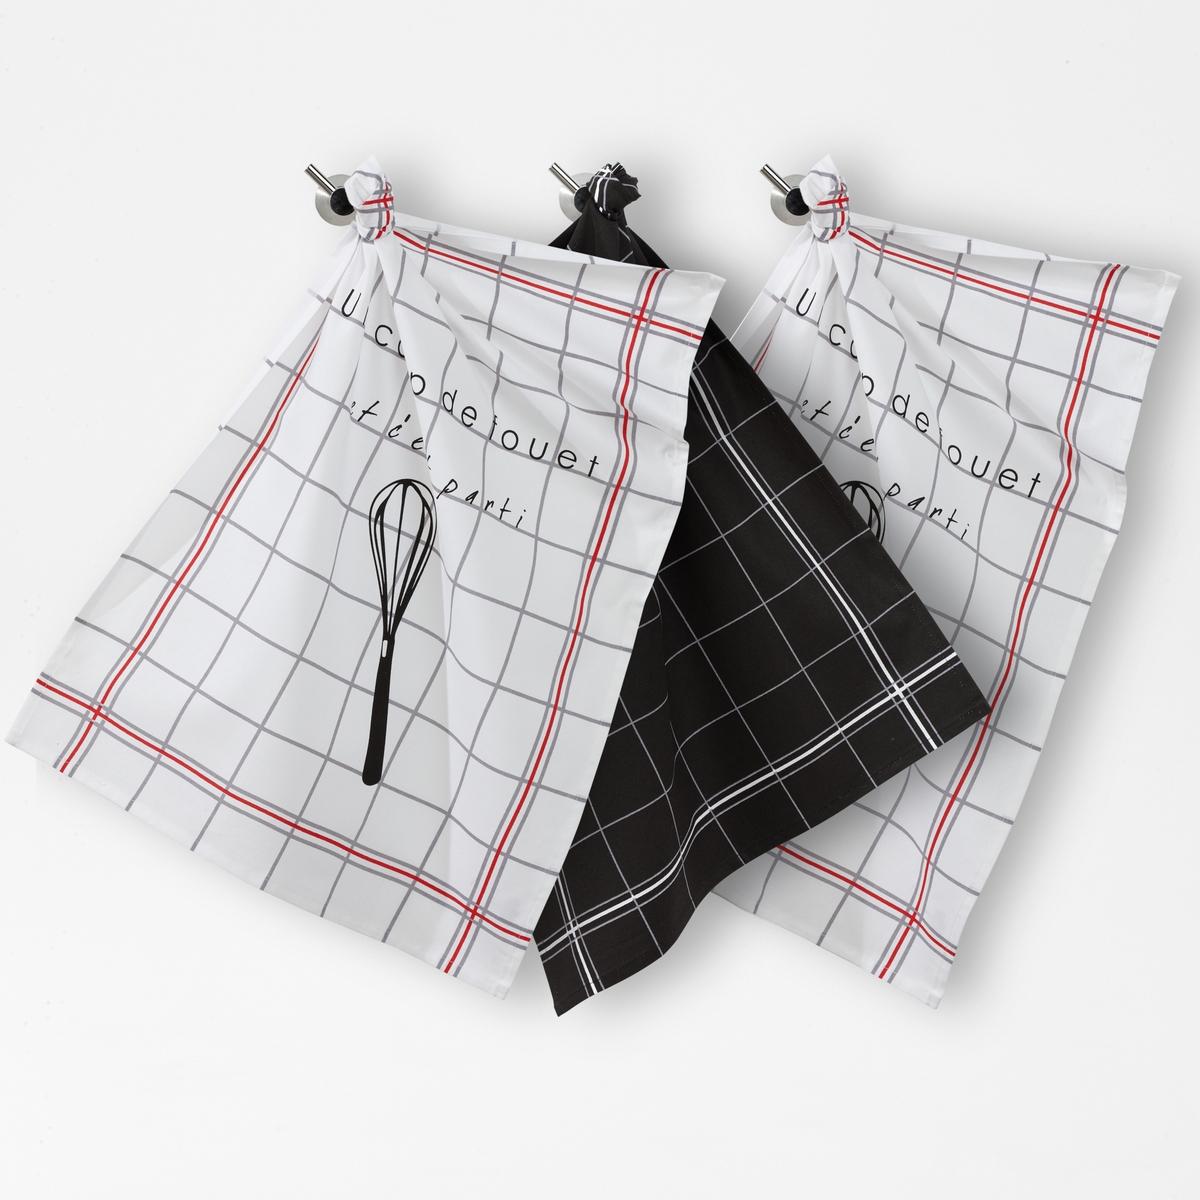 Комплект из 3 кухонных полотенец с рисунком венчики и в клеткуСовременные полотенца модных расцветок с символическим рисунком в графичную клетку: 2 белых полотенца в клетку с рисунком венчик и 1 чёрное в клетку.Характеристики комплекта из 3 кухонных полотенец:100% хлопка.- Кайма по краю..- Машинная стирка при 60°C.- Размер : 50 x 70 см.<br><br>Цвет: белый/ черный